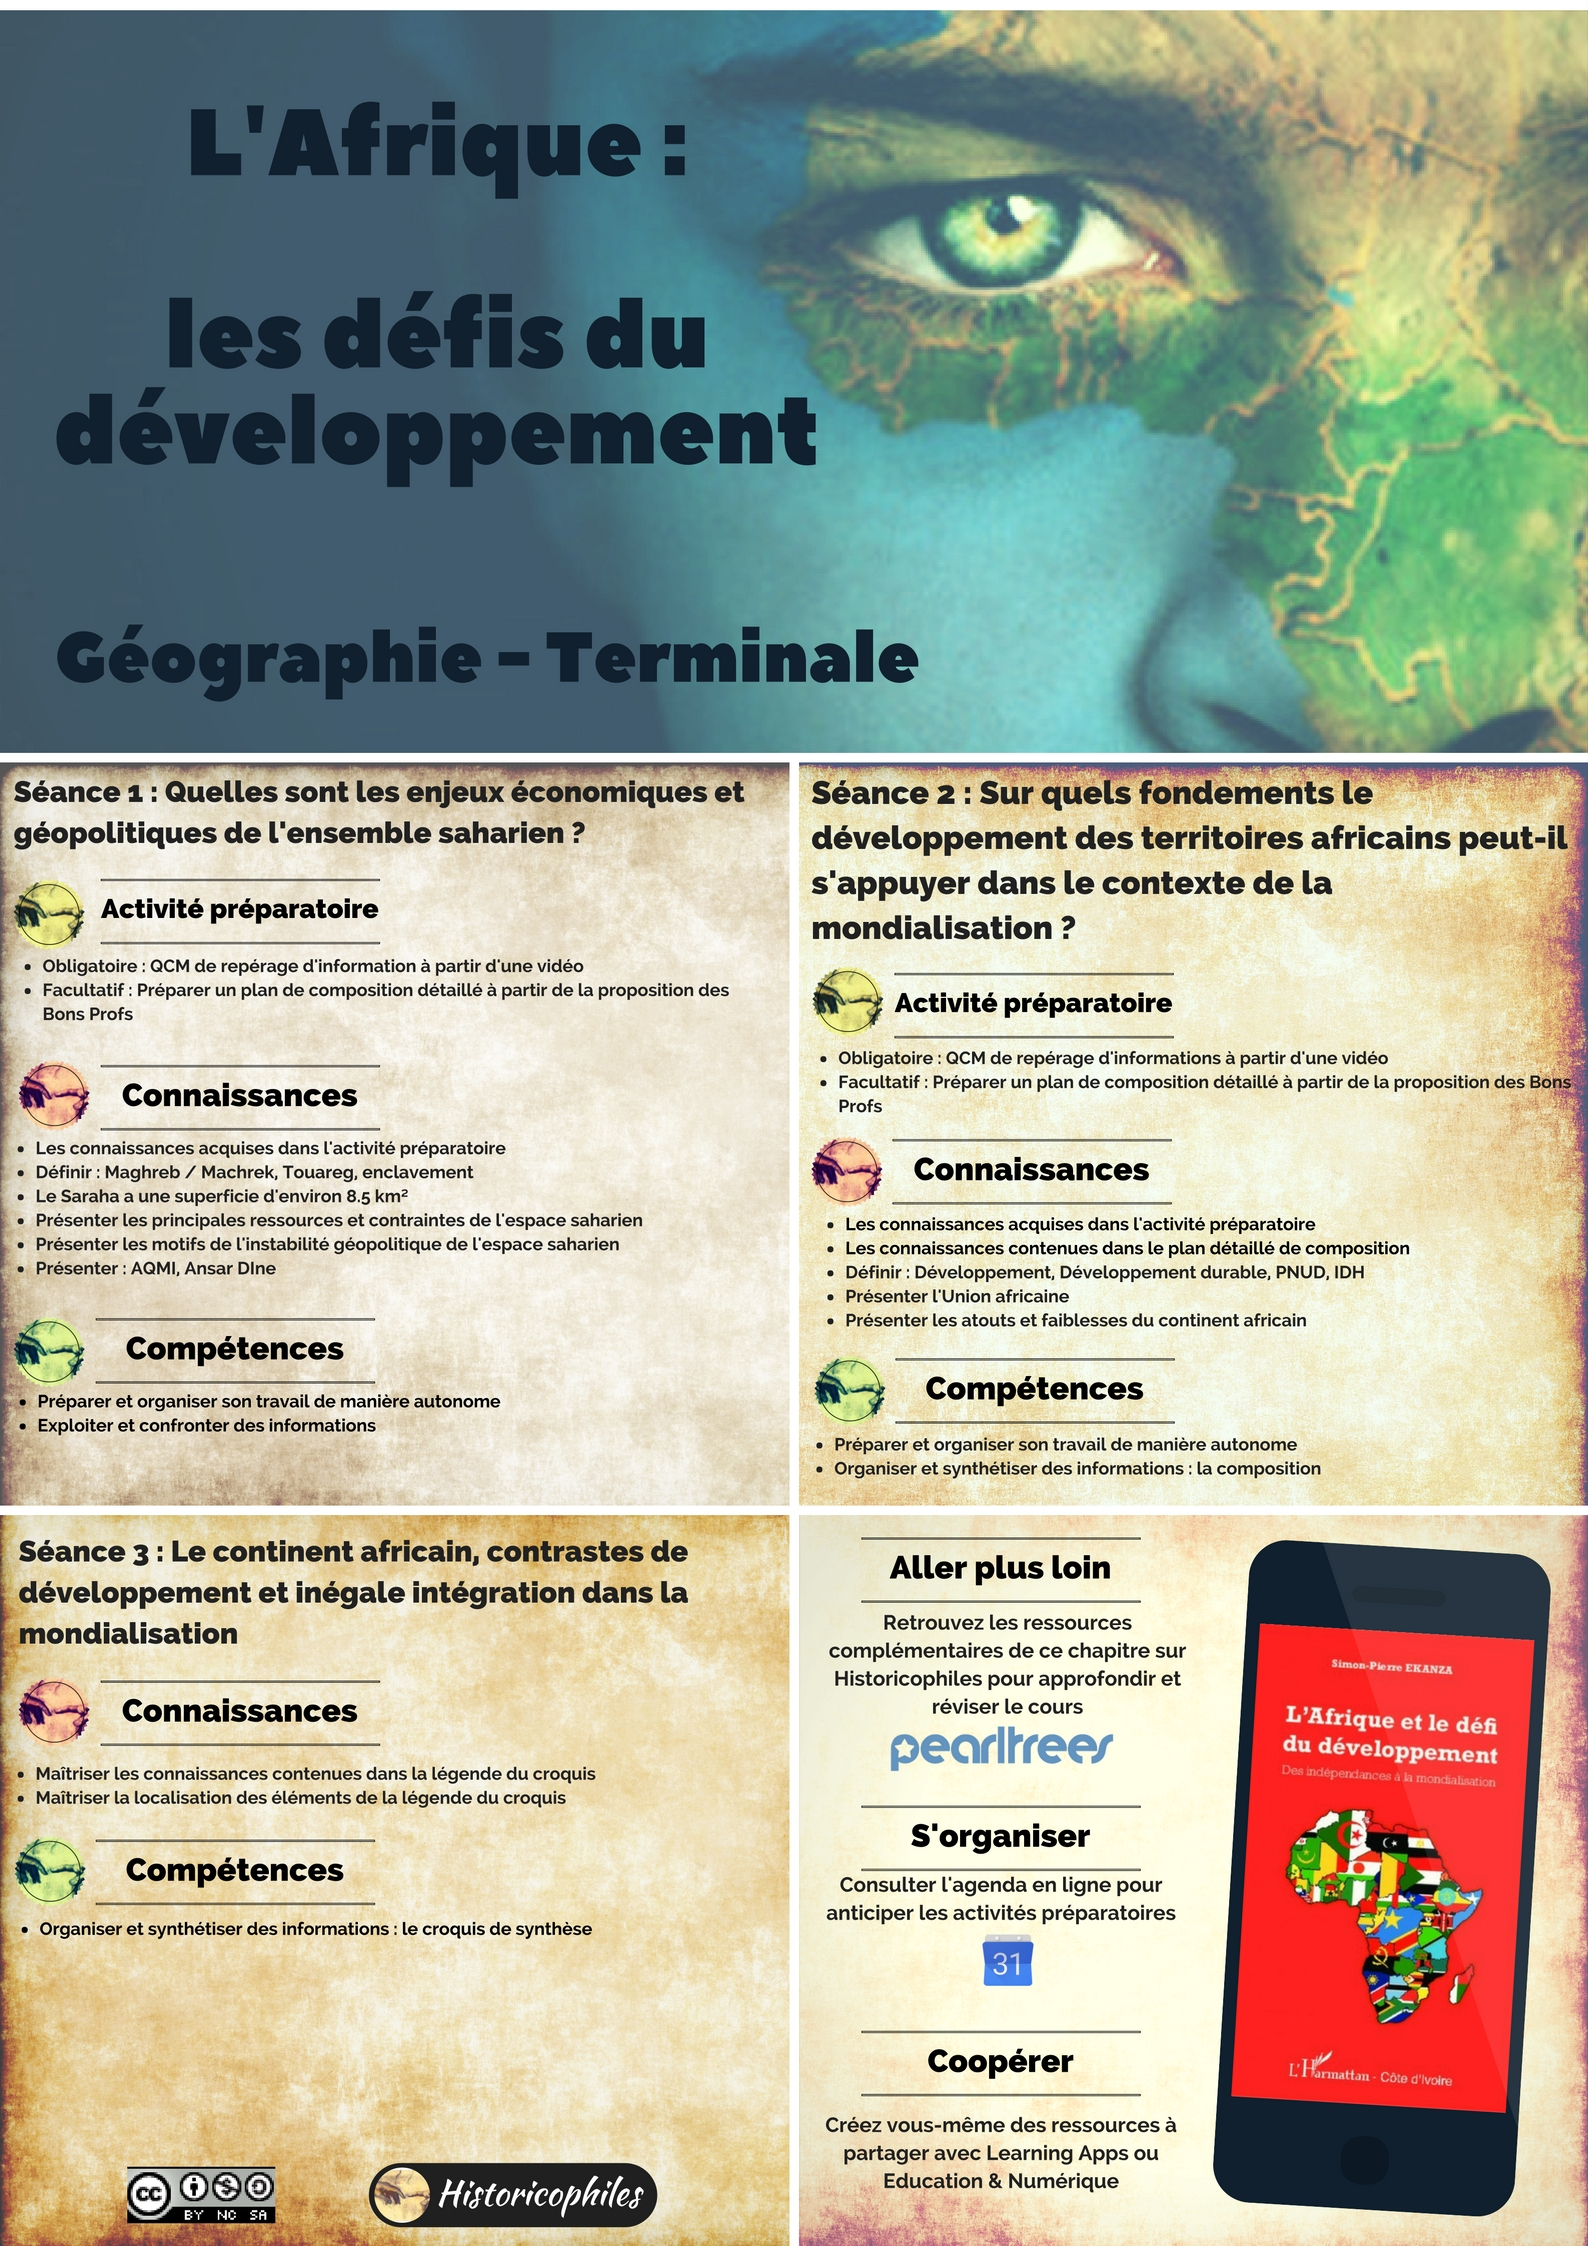 L'Afrique - les défis du développement